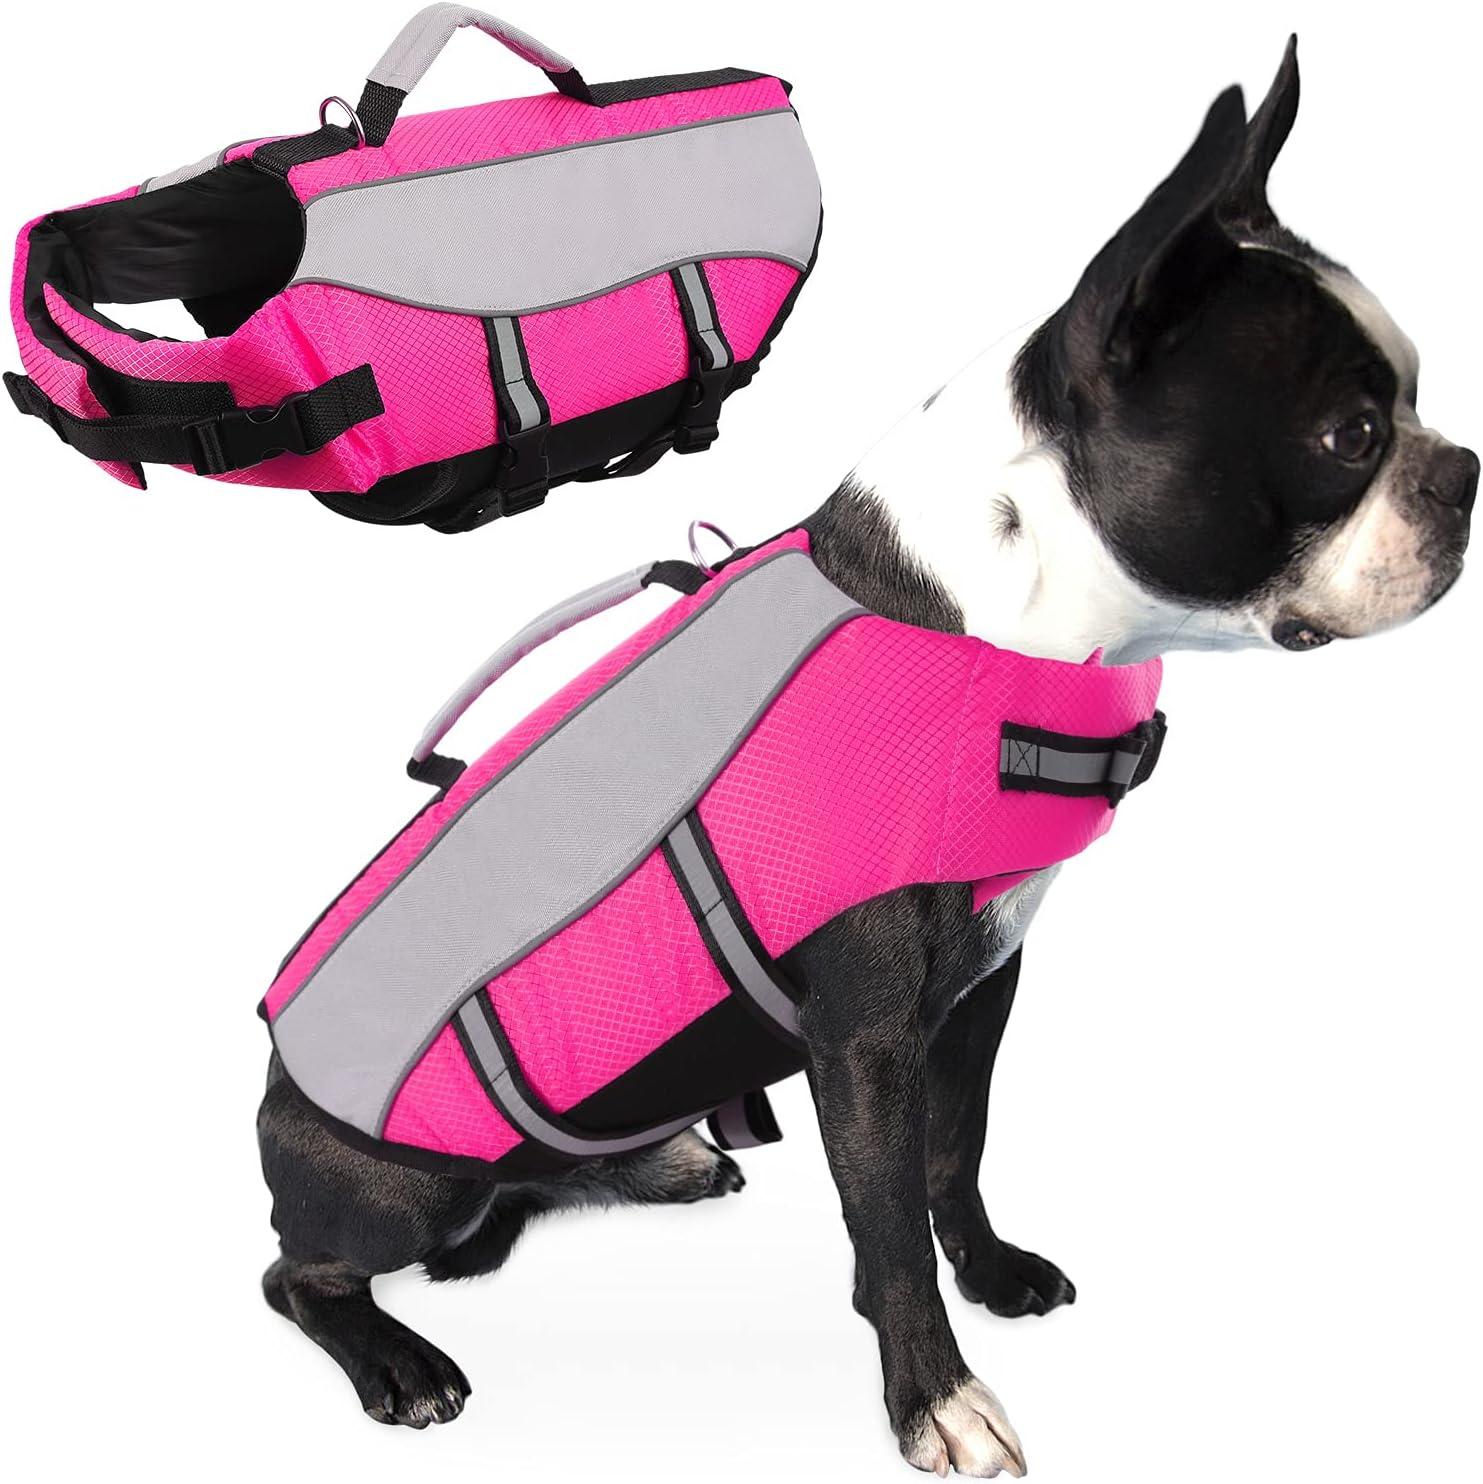 Queenmore Dog Life Jacket 5 ☆ popular High Pet Trust Vest with Buoyancy Resc